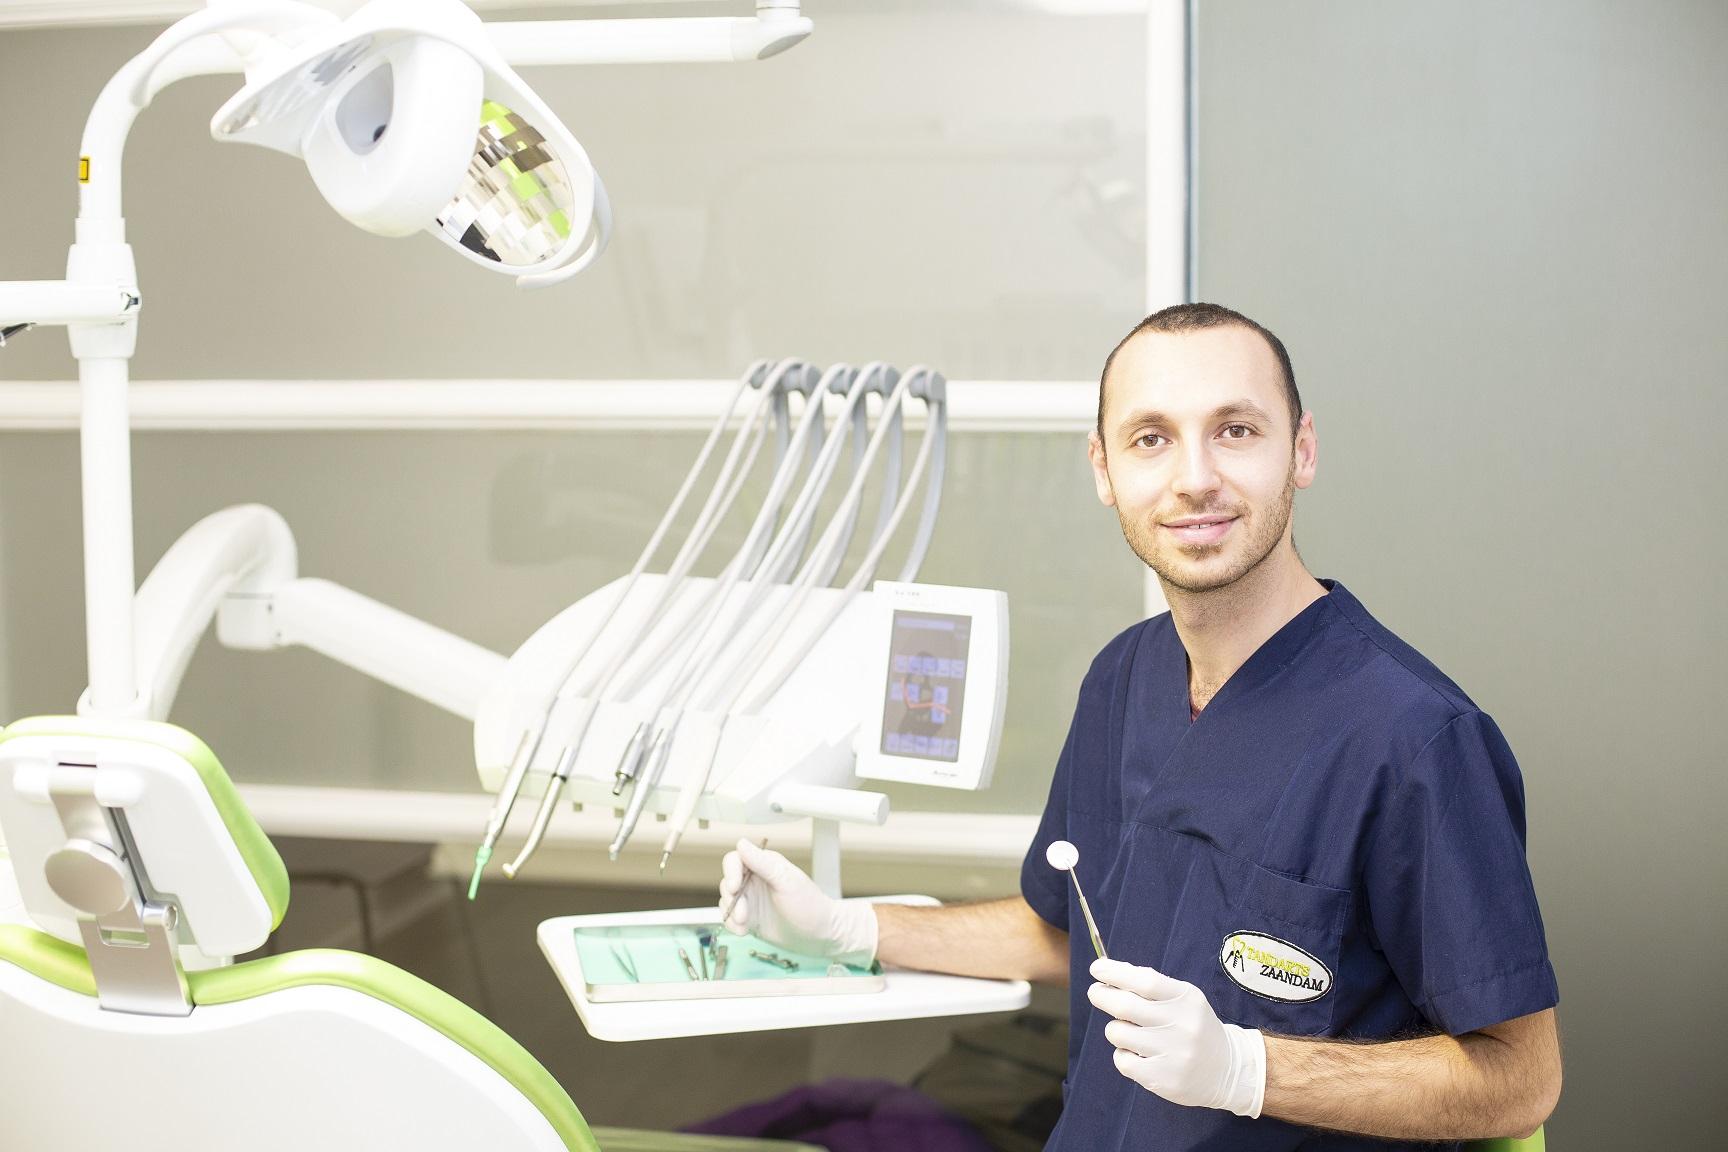 Hamzah Eiz Aldin uit Syrië zet alles op alles om tandarts te worden